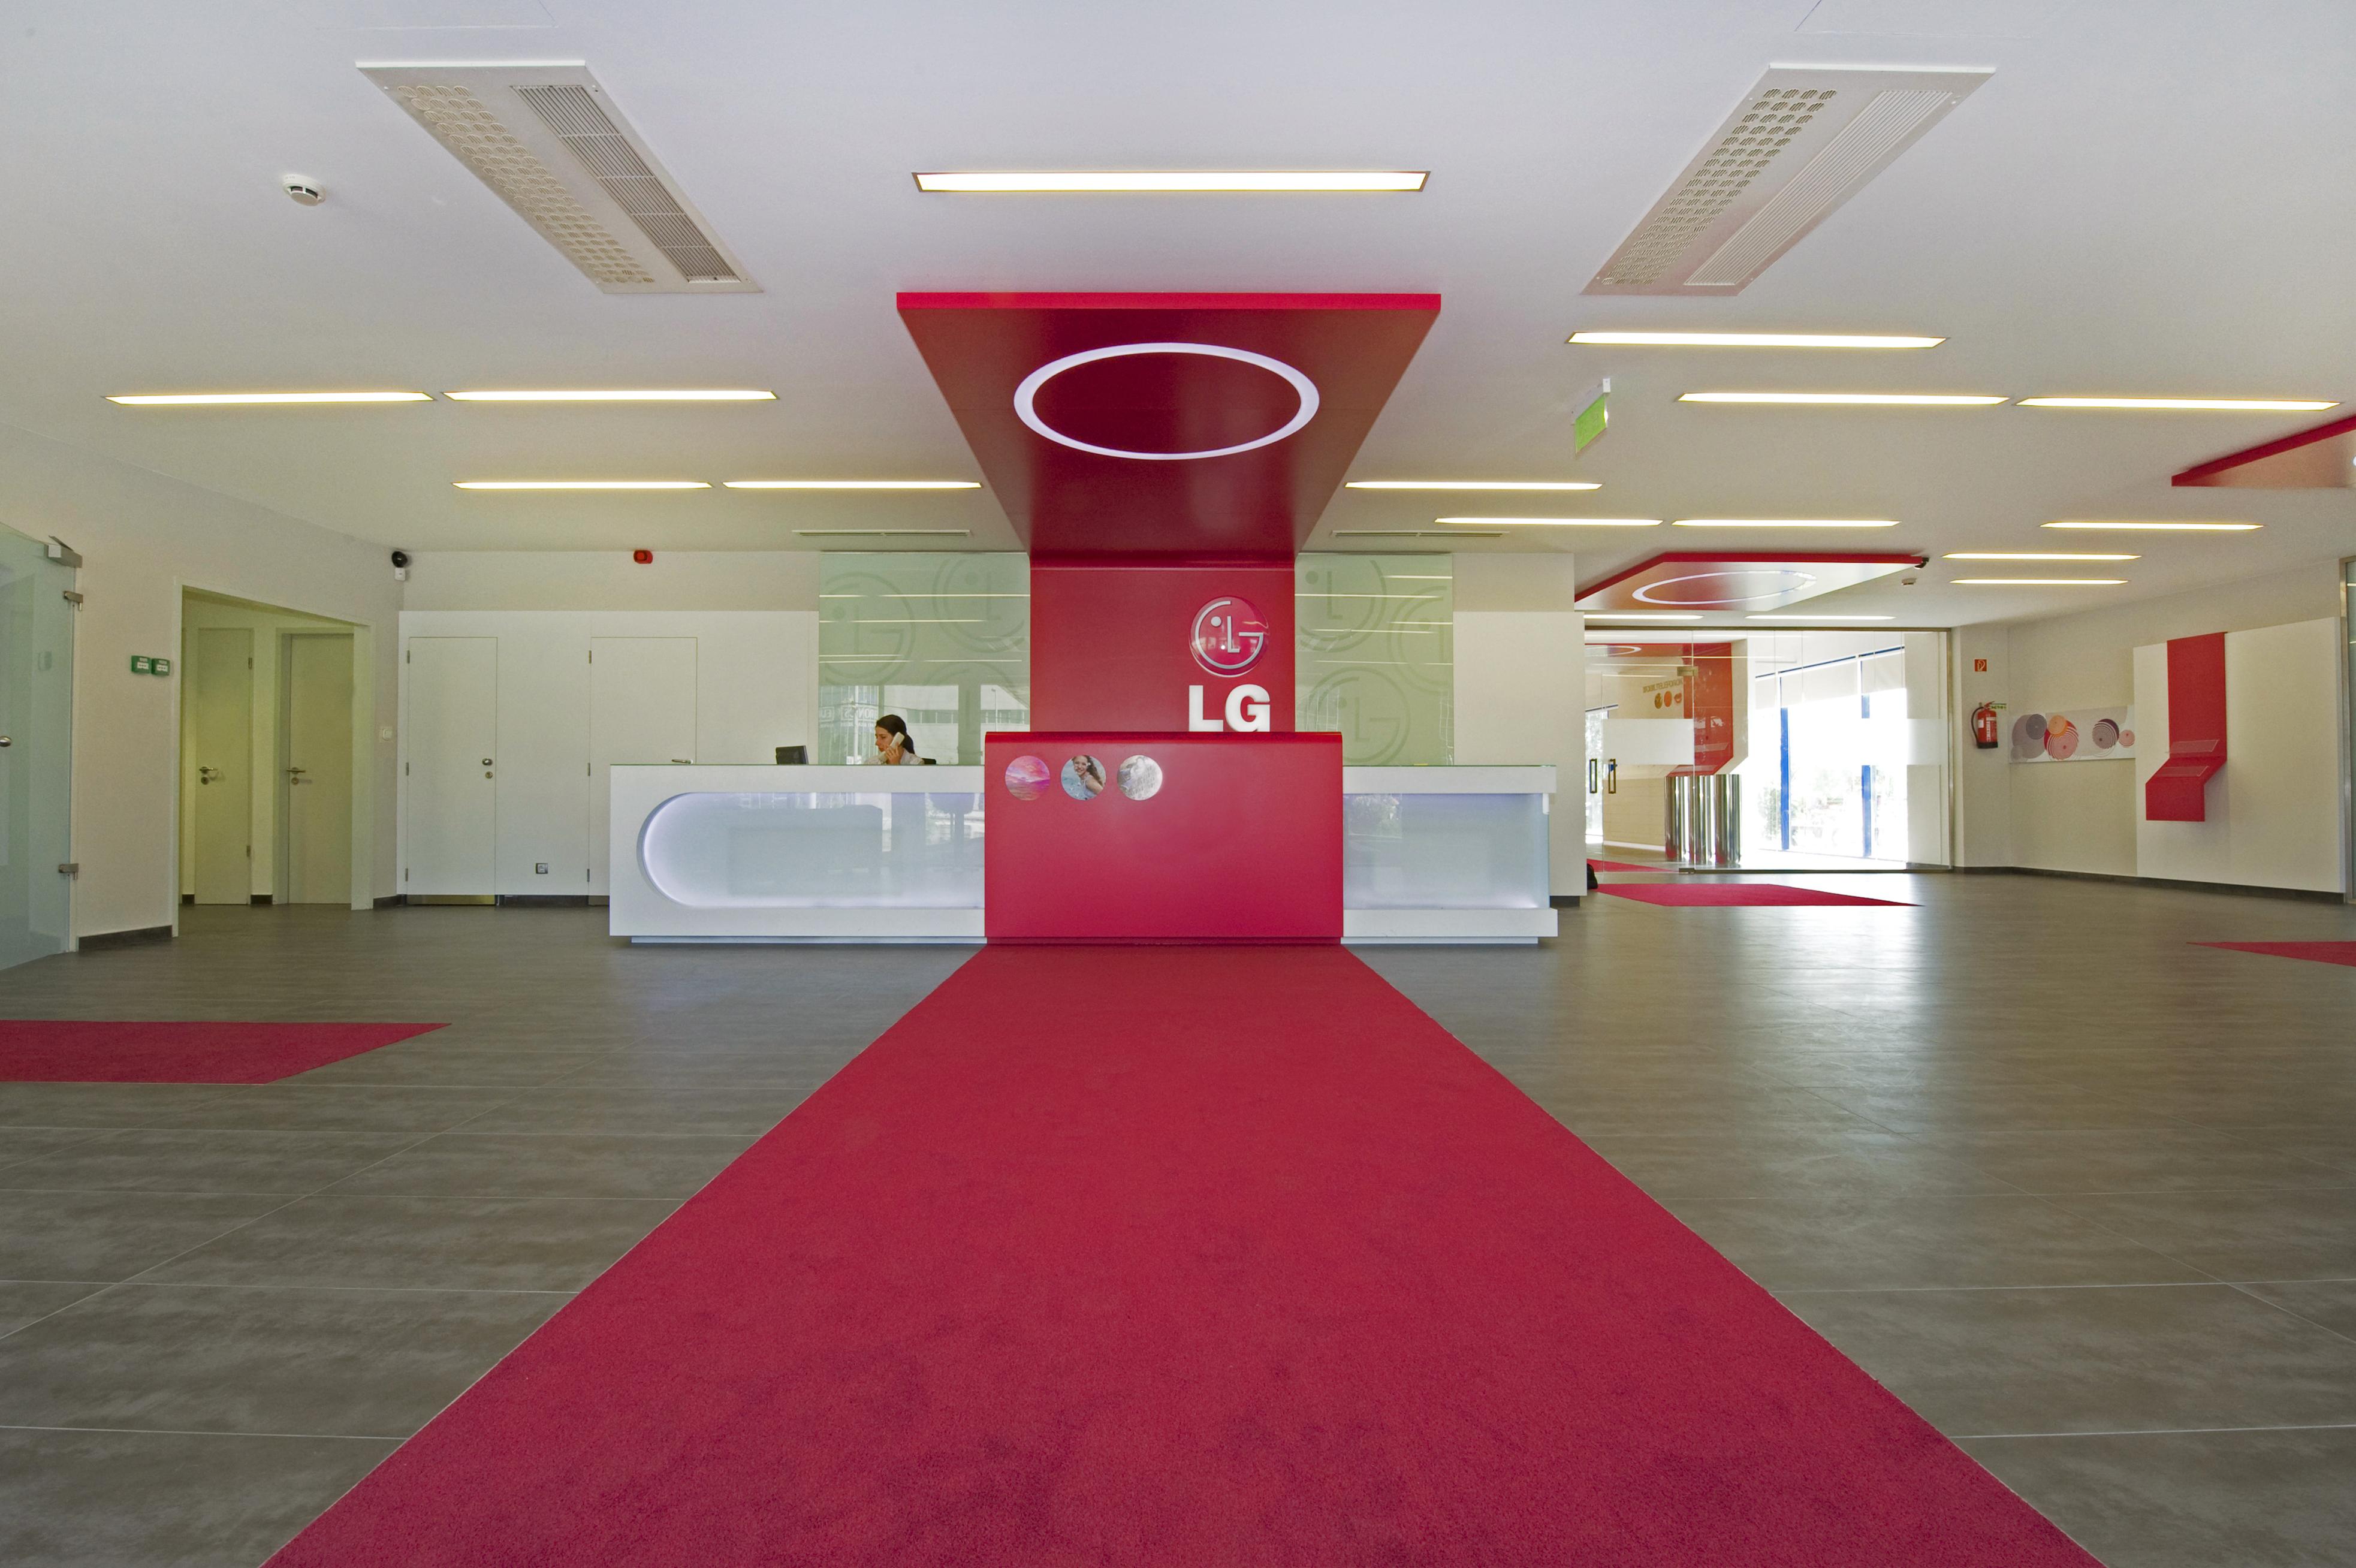 LG SHOWROOM